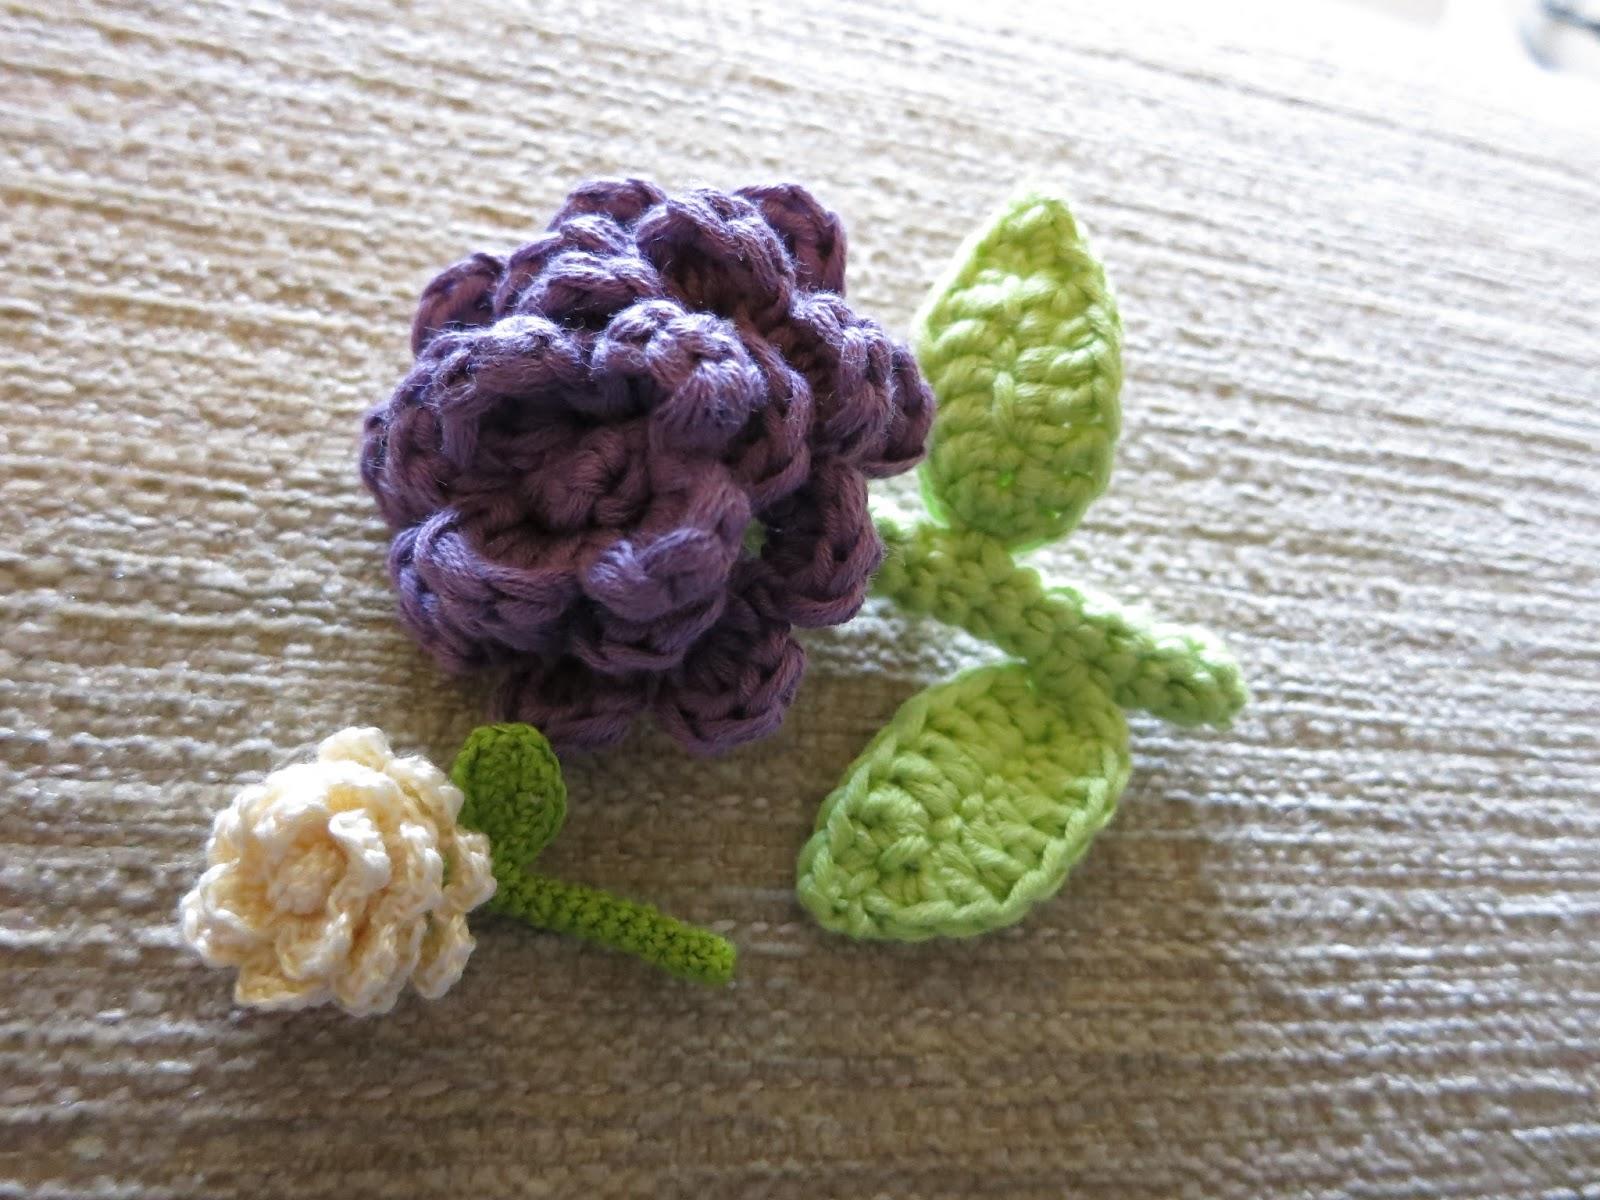 Crochet flower stem pattern dancox for mrs craftypants free crochet flower stem and leaf pattern bankloansurffo Images